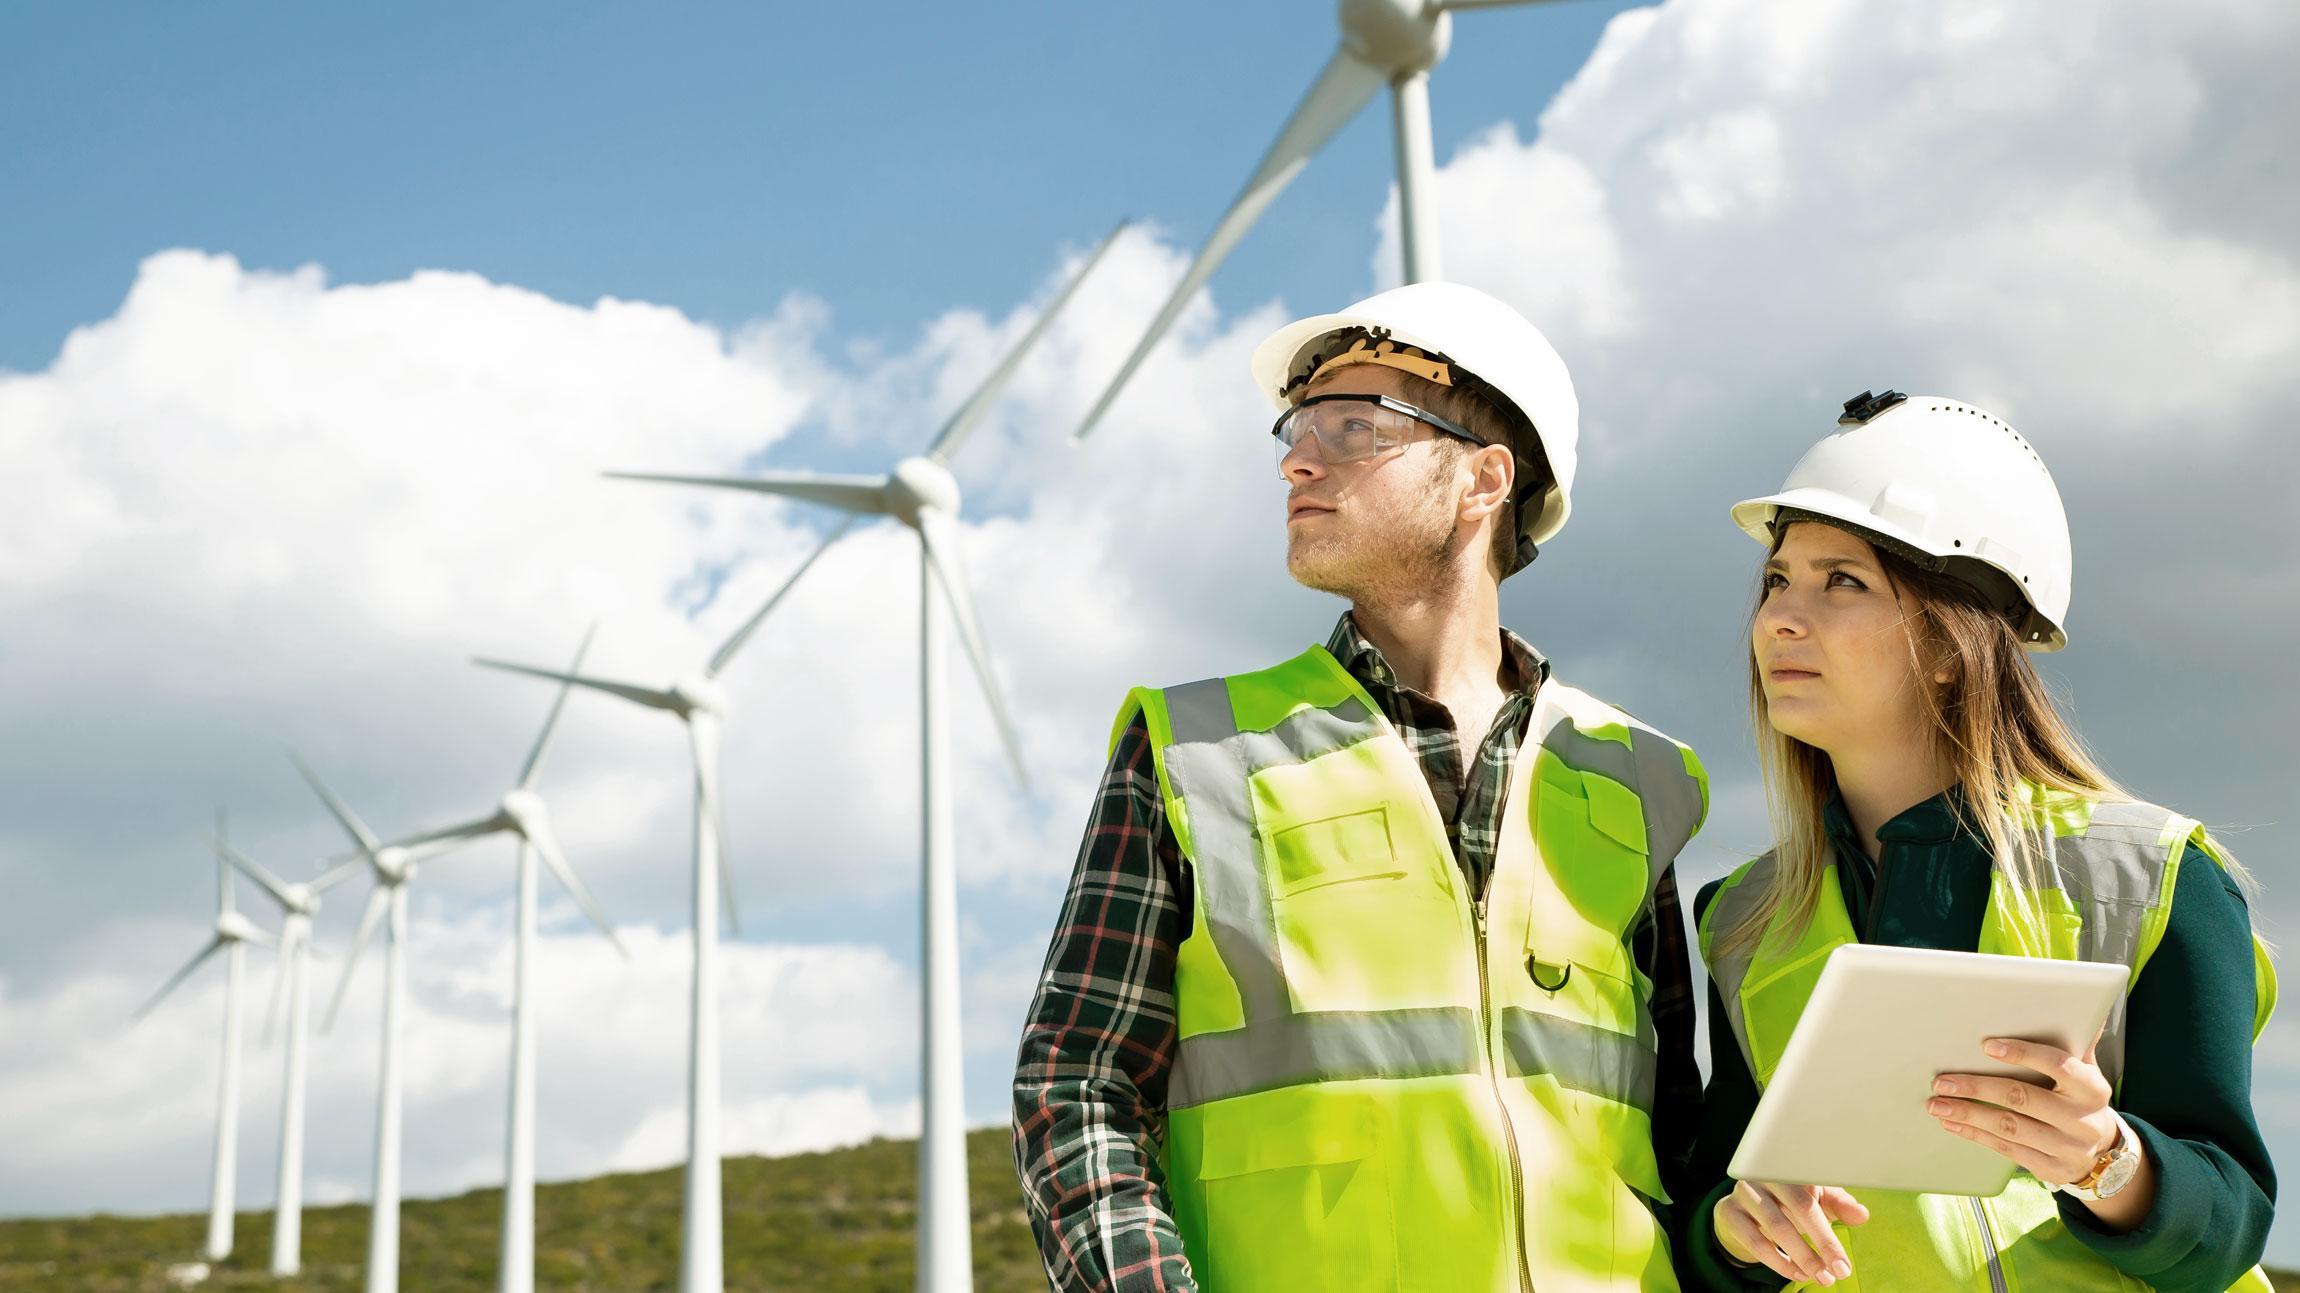 Luotettava sähköasemien, voimajohtojen ja tuulipuistojen kunnossapito